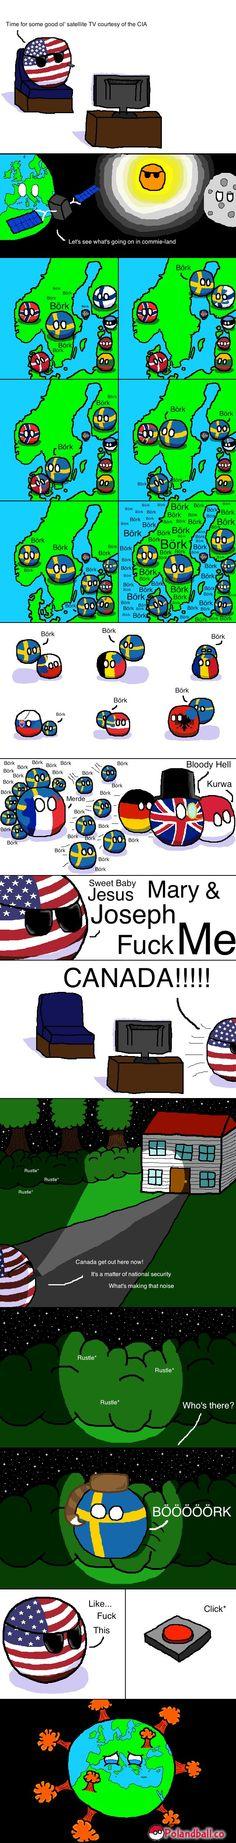 United Börks of America